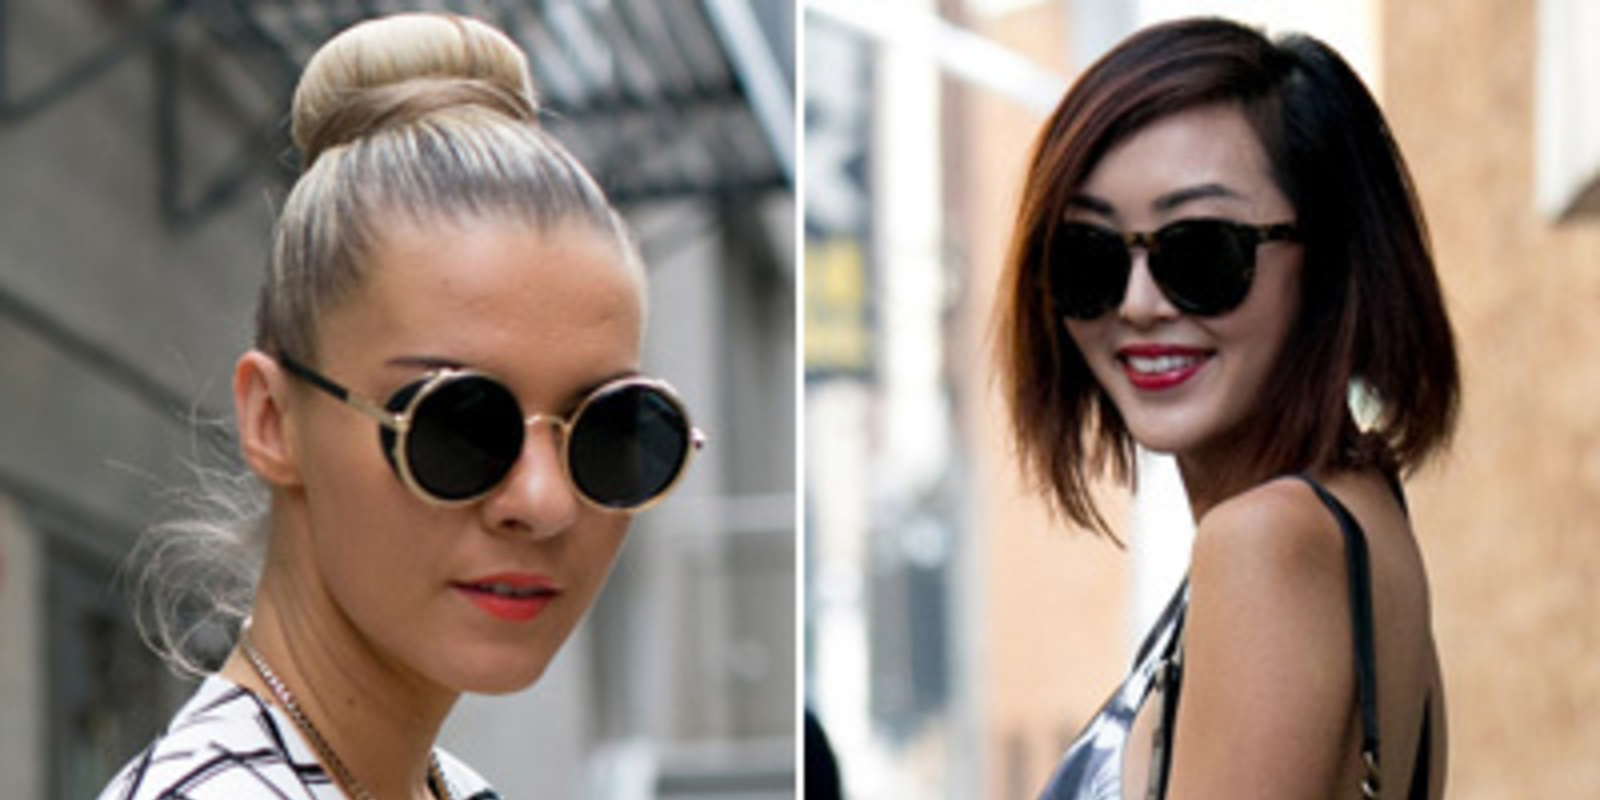 De Meest Opvallende Kapsels Van Fashion Week